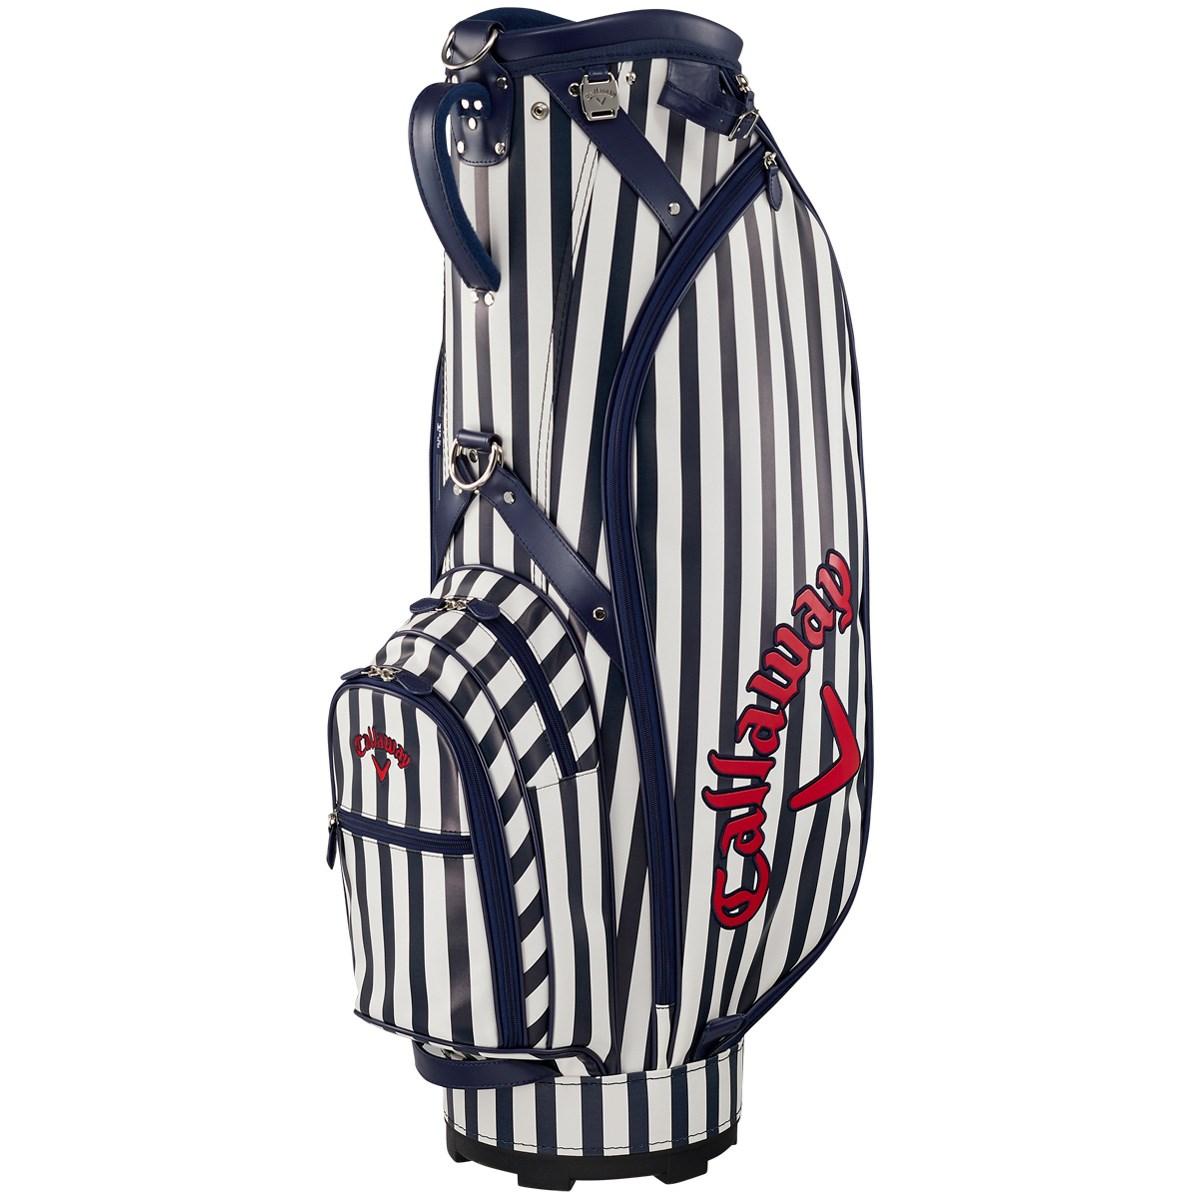 キャロウェイゴルフ(Callaway Golf) BG CRT STYLE STRIPE キャディバッグ